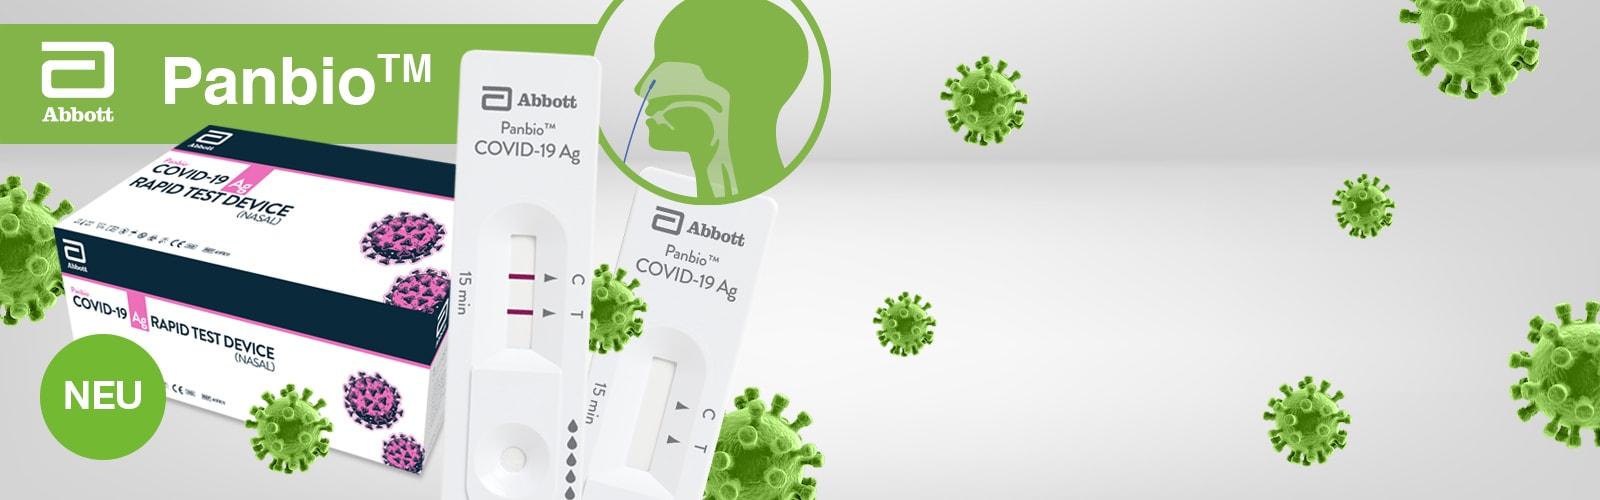 Panbio™ Nasaler COVID-19 Ag Schnelltest